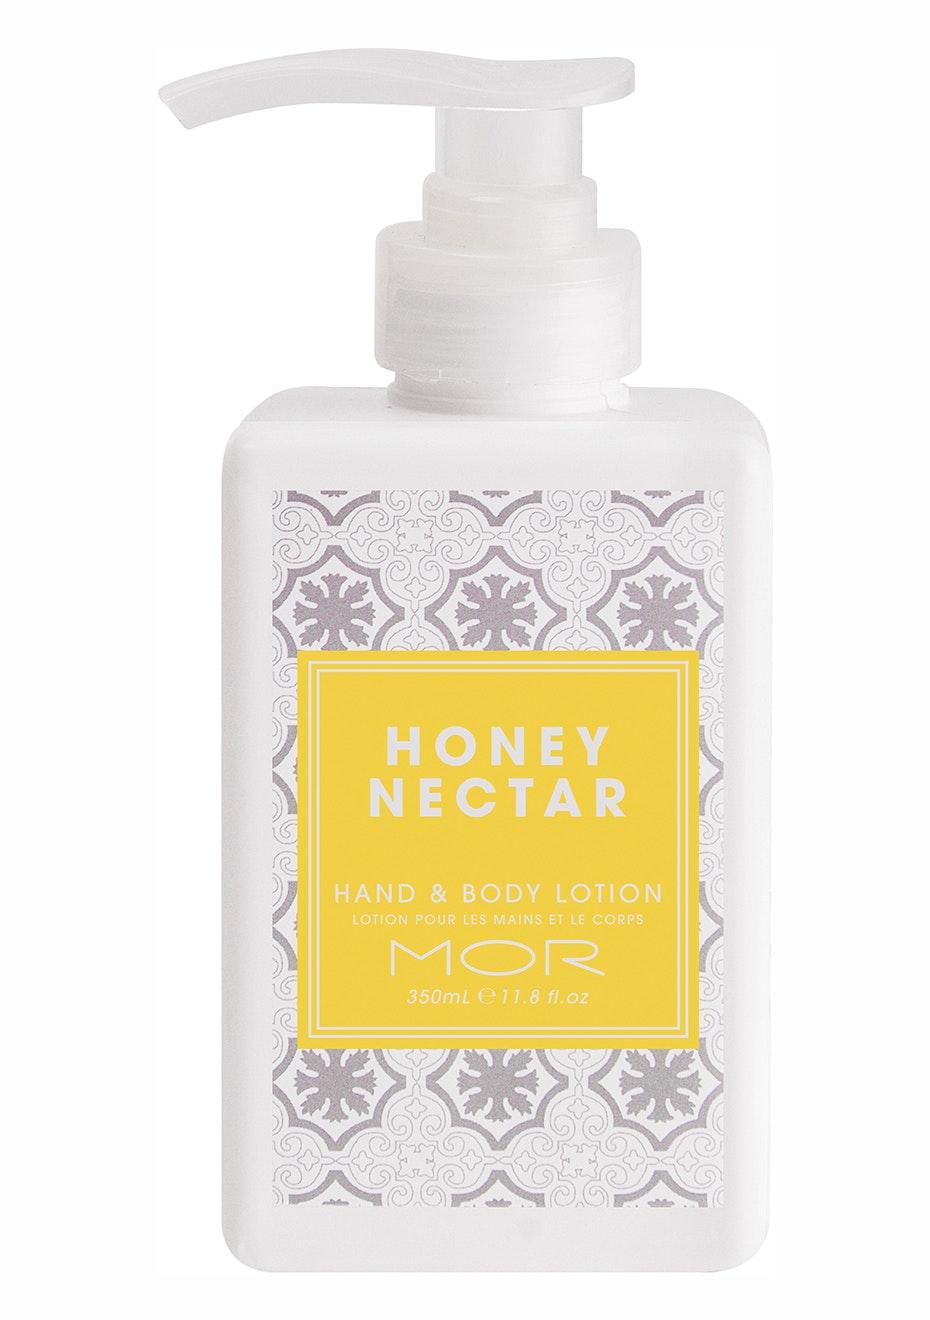 MOR - Hand & Body Lotion 350ml Honey Nectar